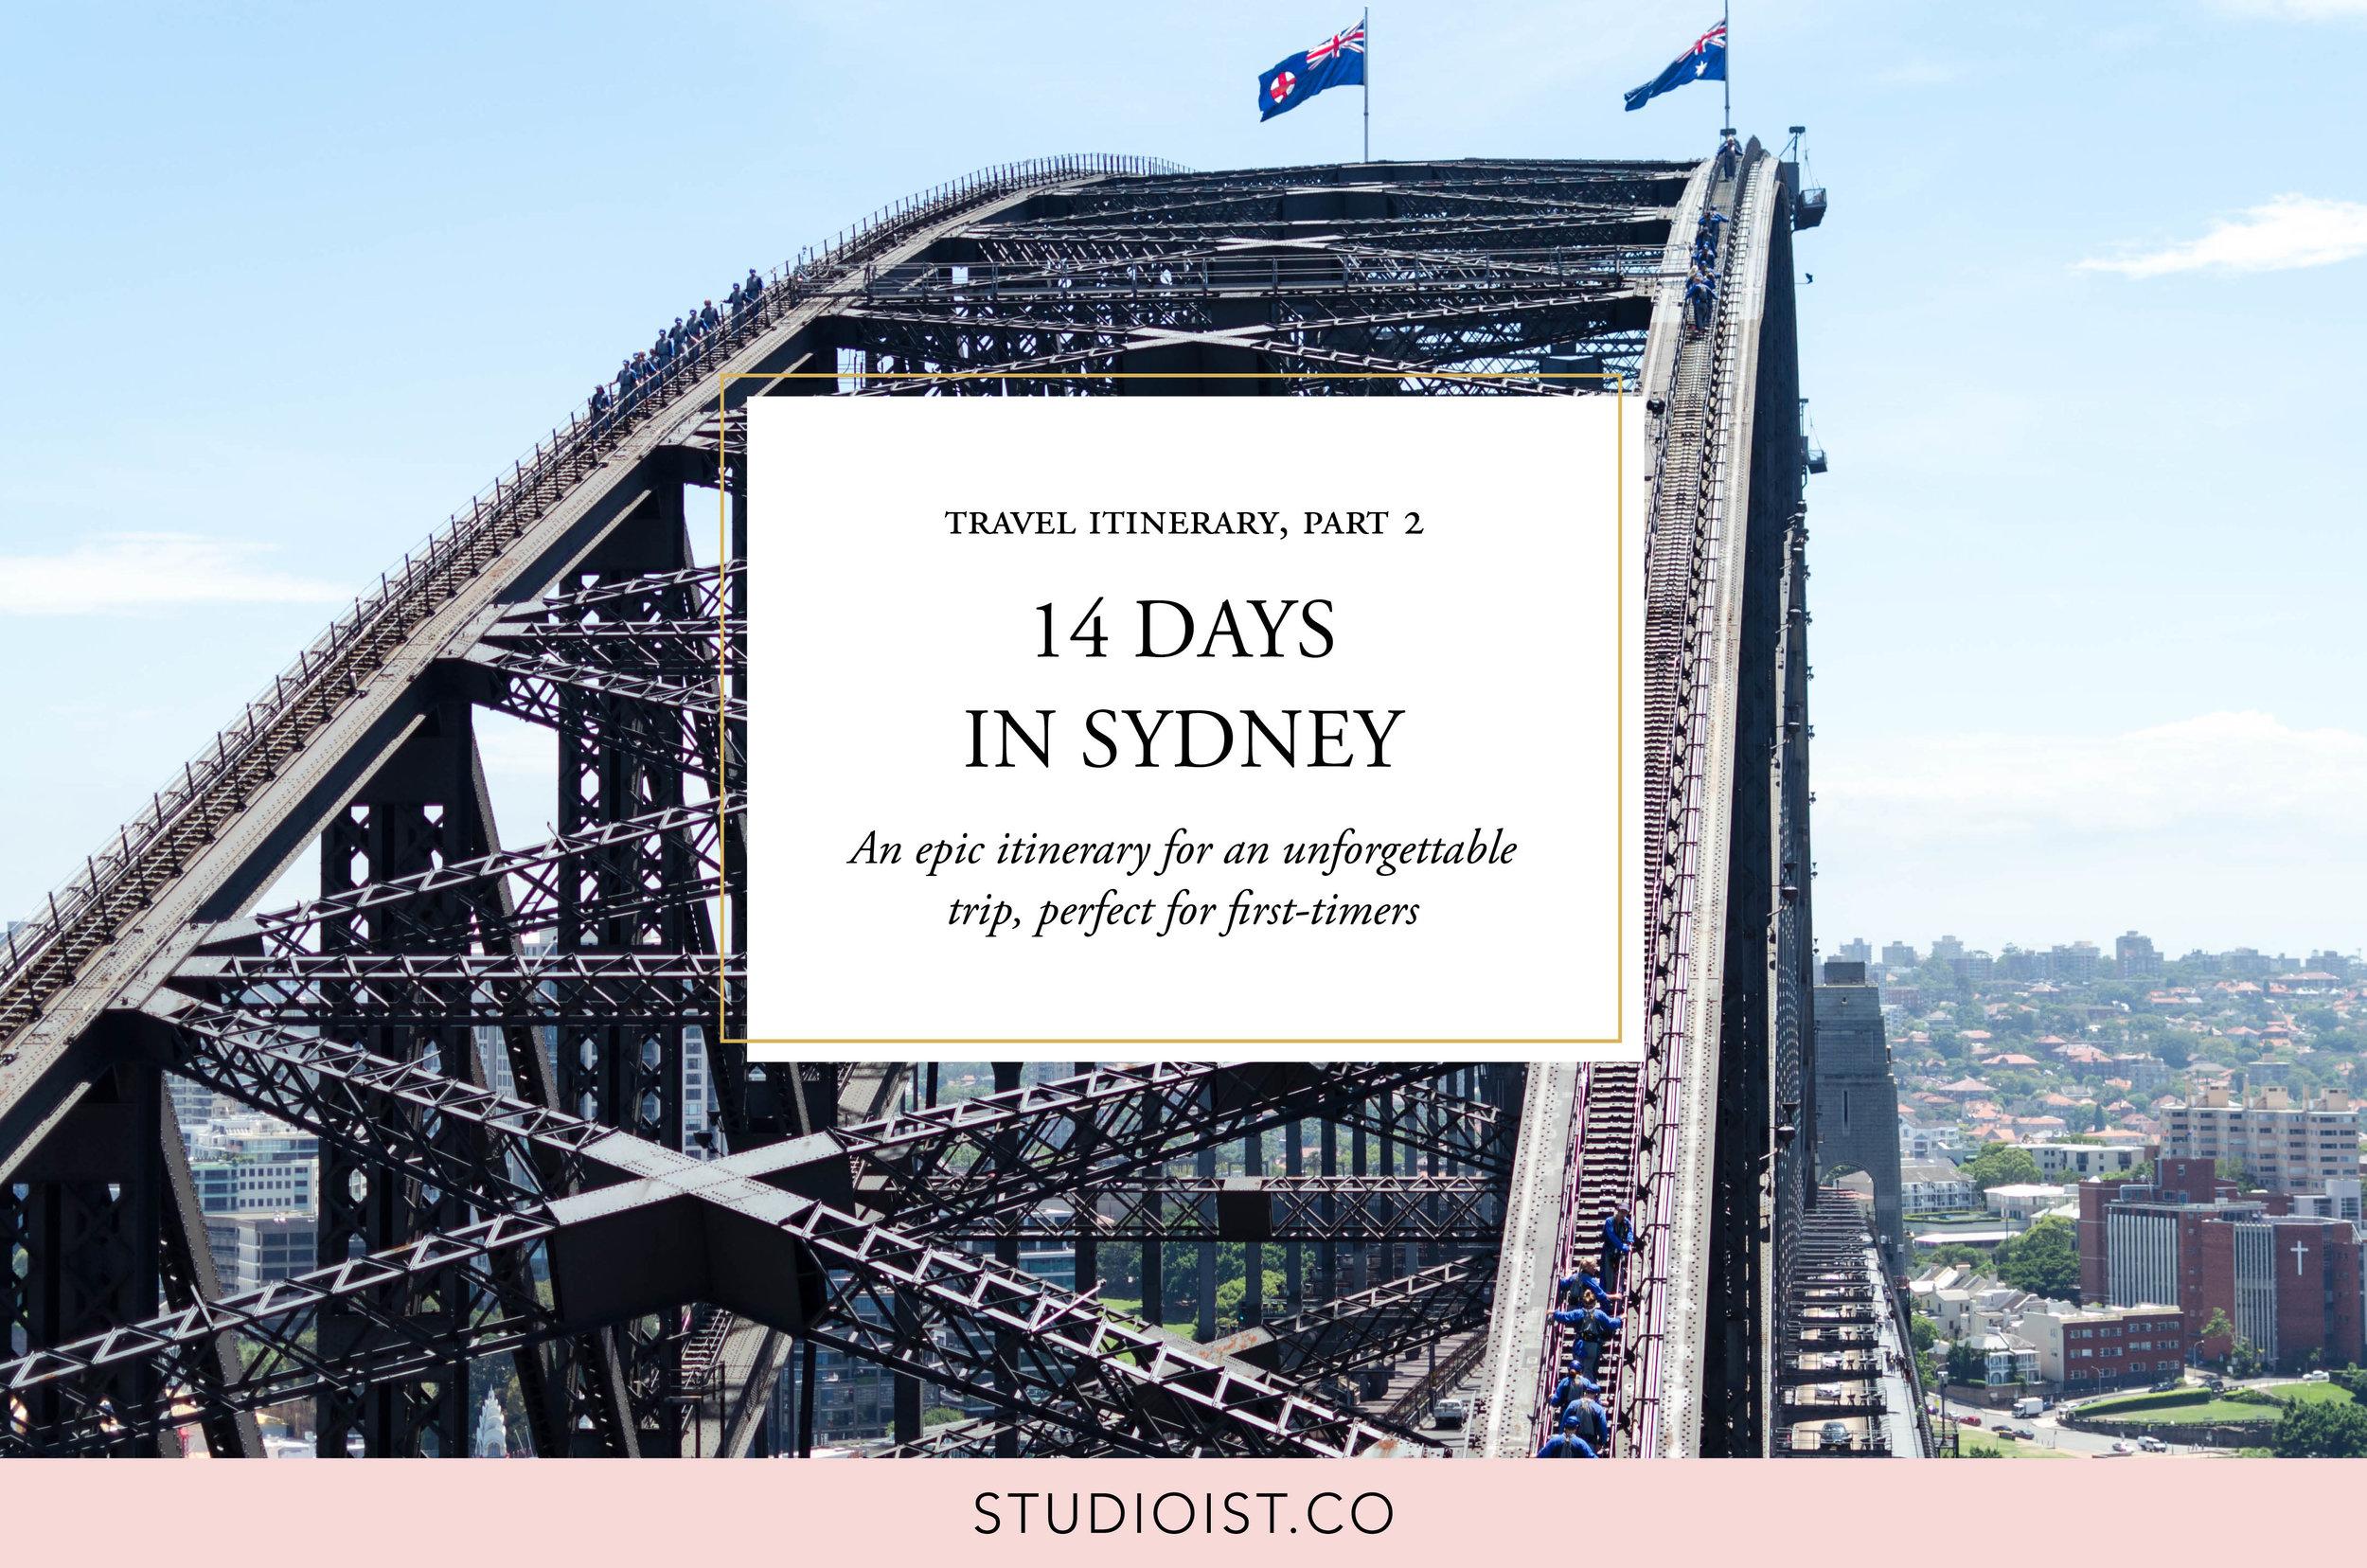 Studioist_Food Cover_Sydney Australia pt 12-small.jpg